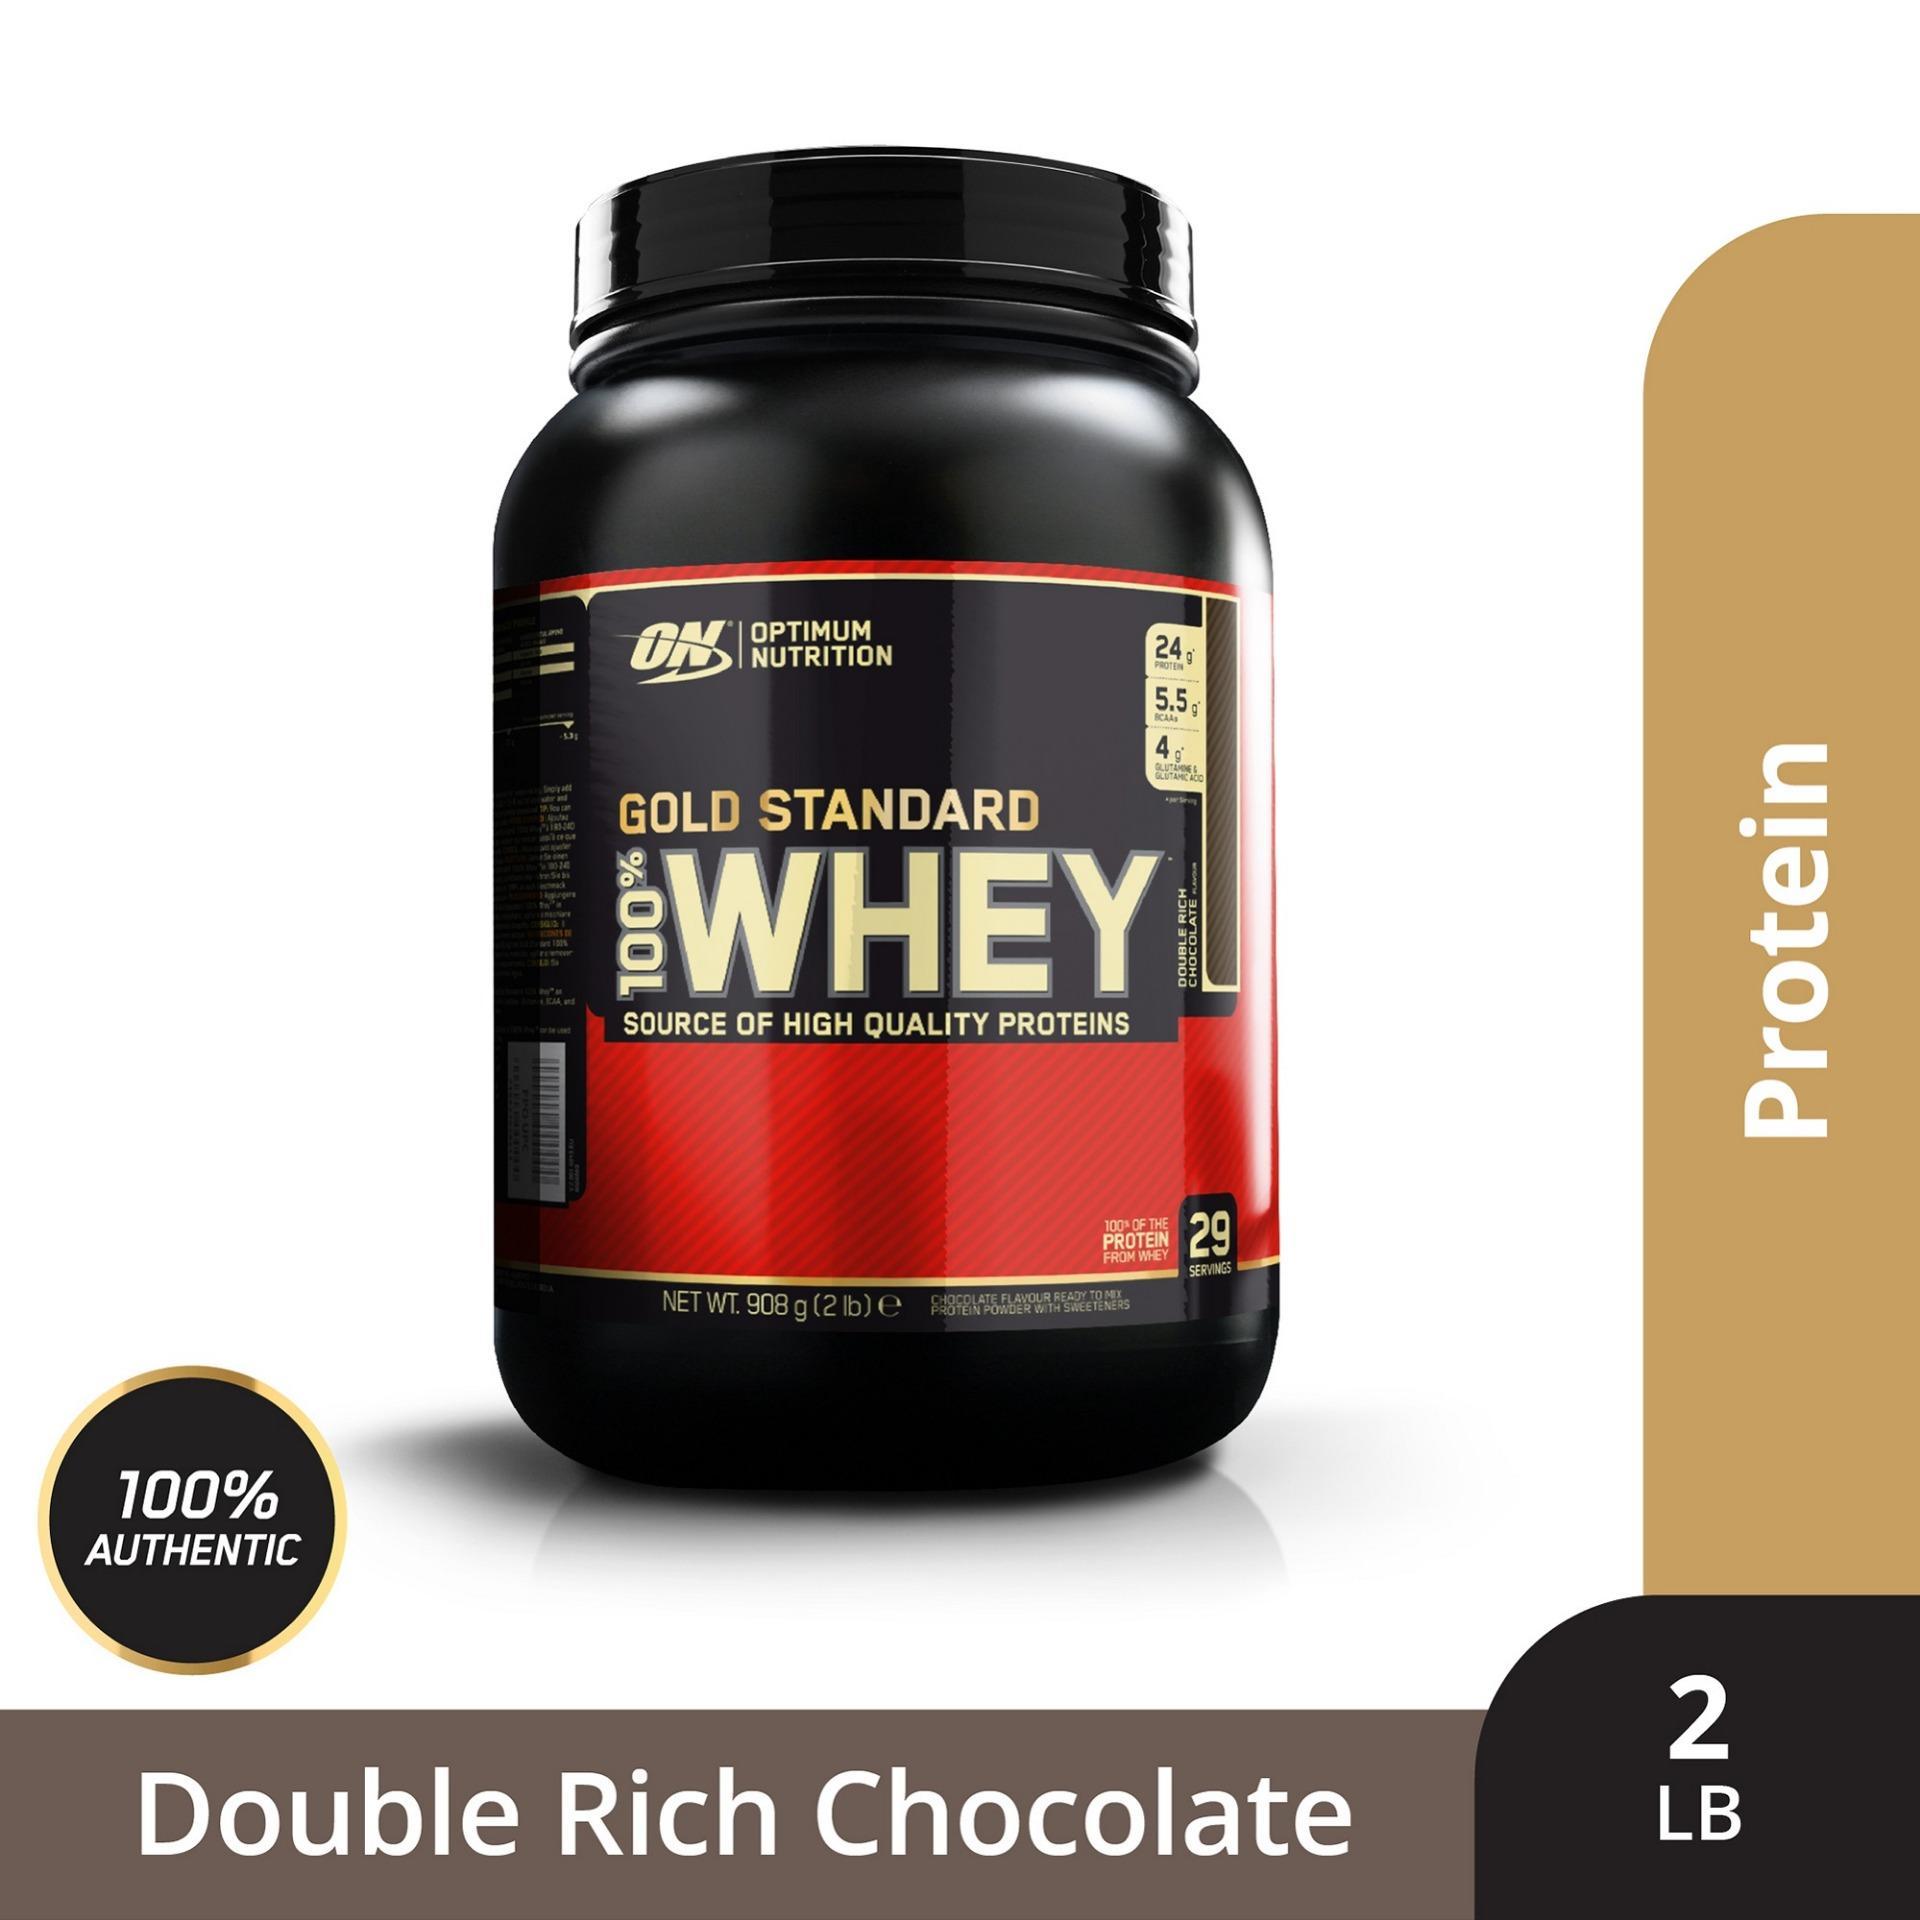 Thực phẩm bổ sung Optimum NutritionGold Standard 100% Whey Double Rich Chocolate2 lbs nhập khẩu